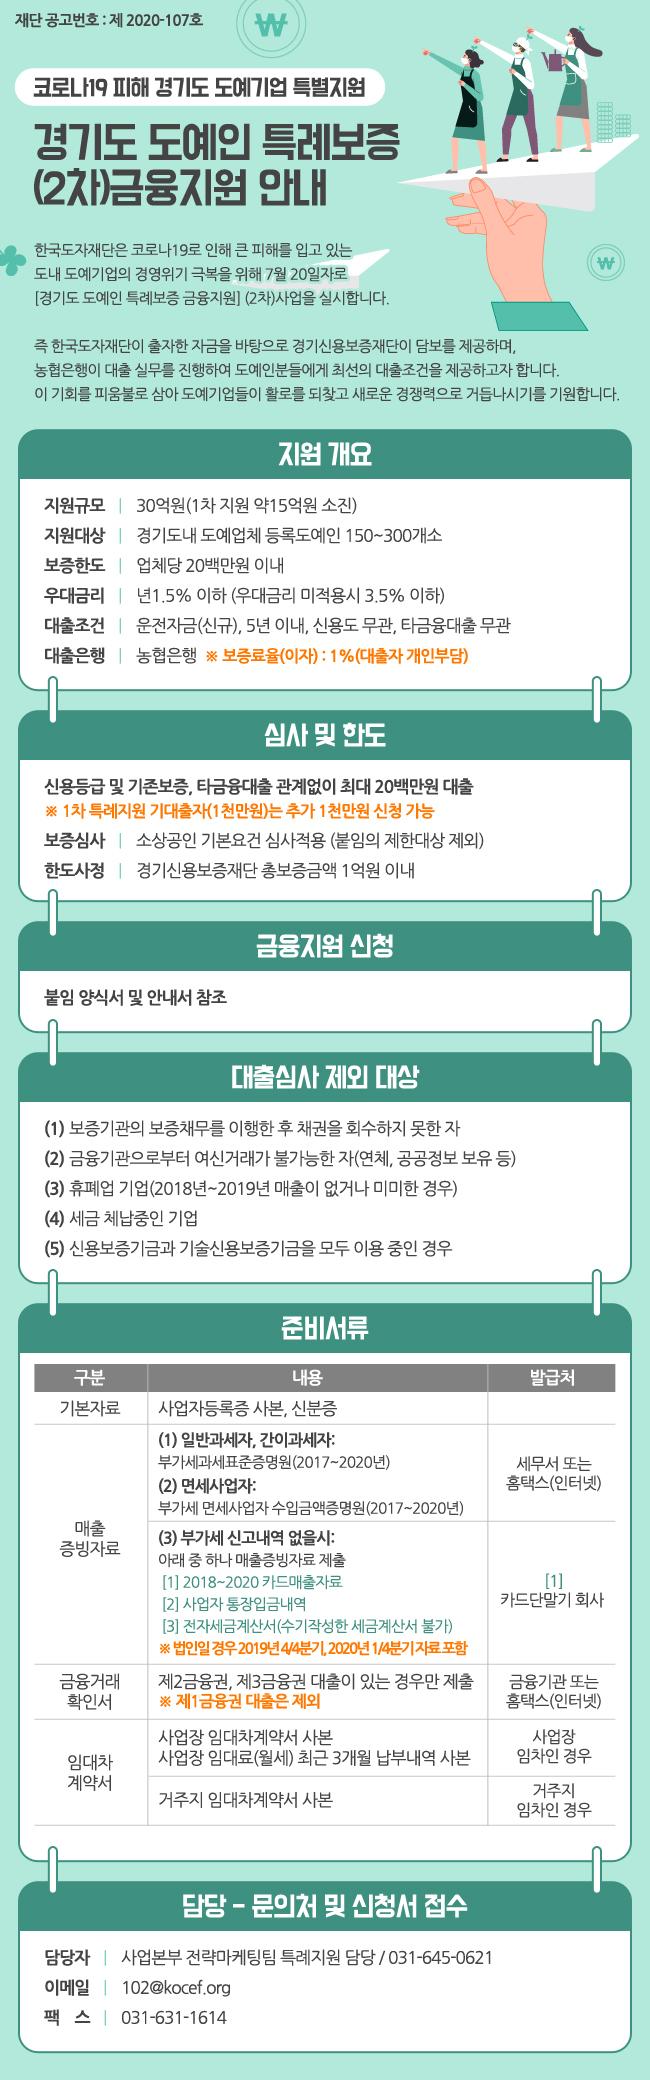 경기도 도예인 특례보증 (2차)금융지원 안내